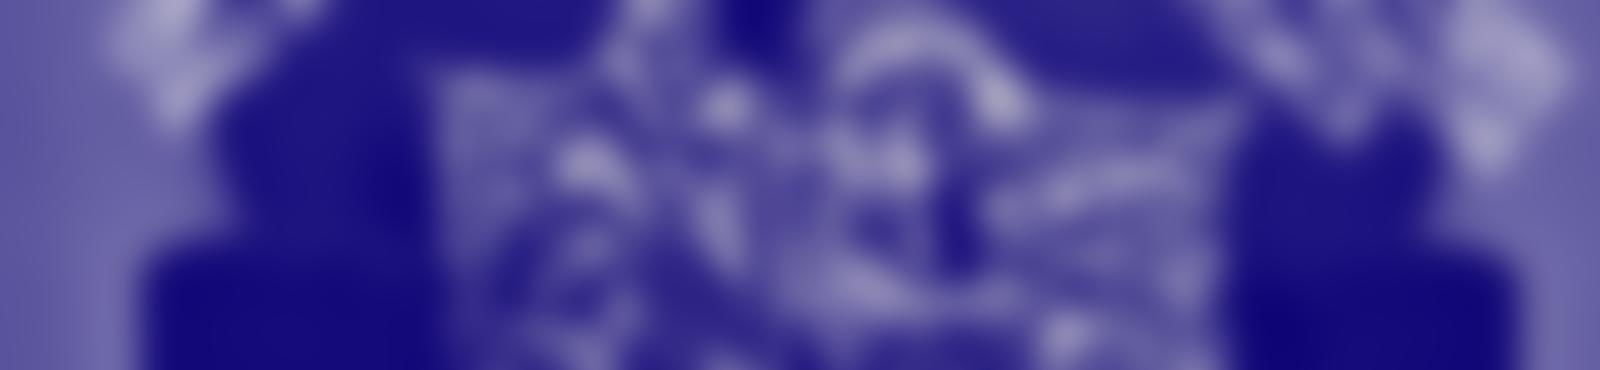 Blurred e4702c9e 7ba8 4a6f 8abc 2e8f2f626aeb